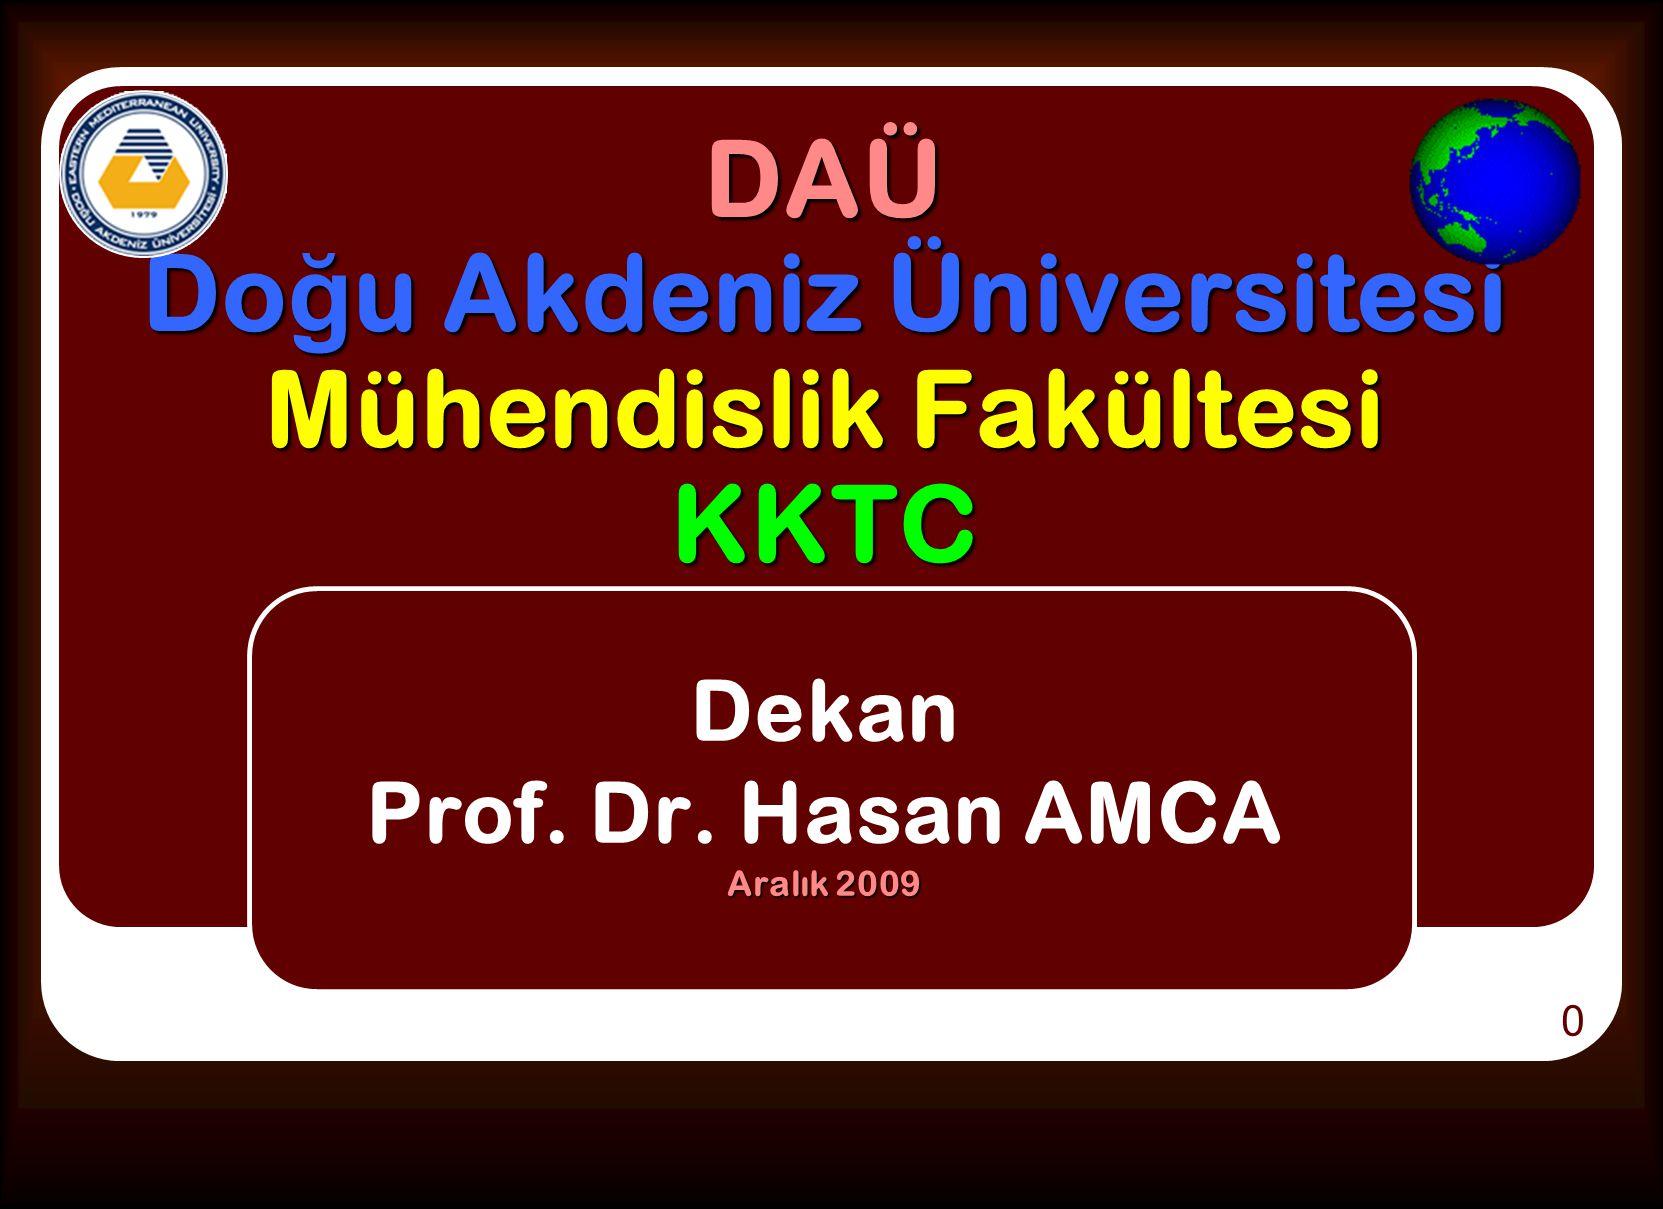 DAÜ Do ğ u Akdeniz Üniversitesi Mühendislik Fakültesi KKTC Dekan Prof. Dr. Hasan AMCA Aralık 2009 0